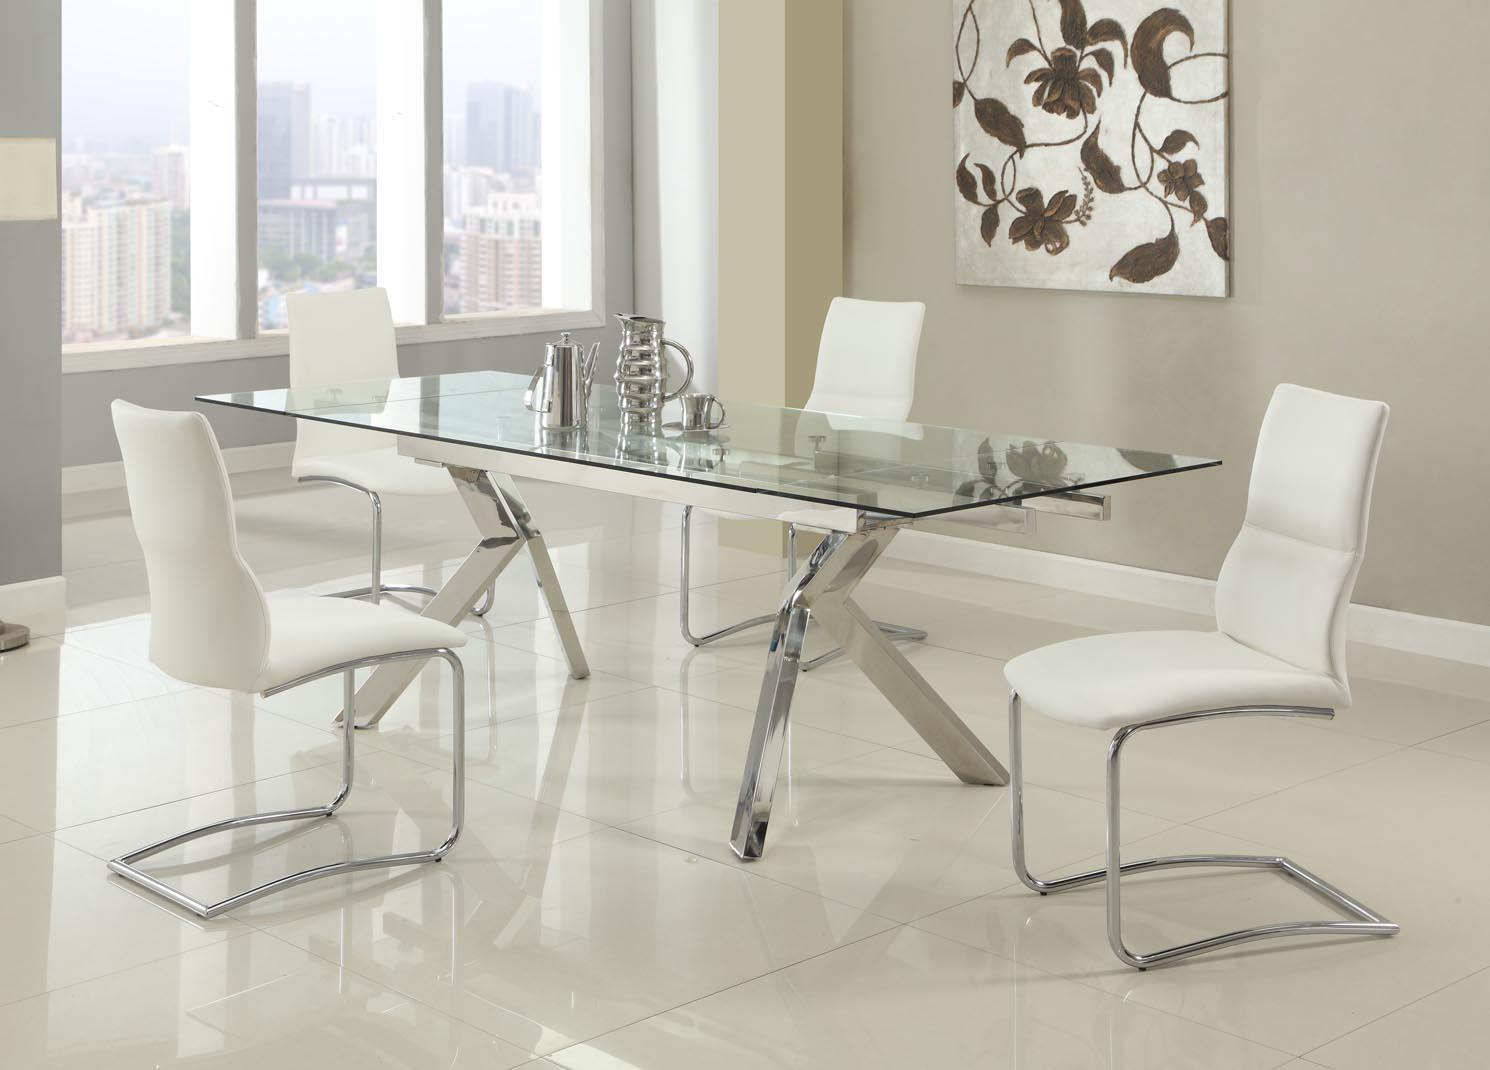 Extendable dining room furniture dinette winston salem - Bedroom furniture made in north carolina ...